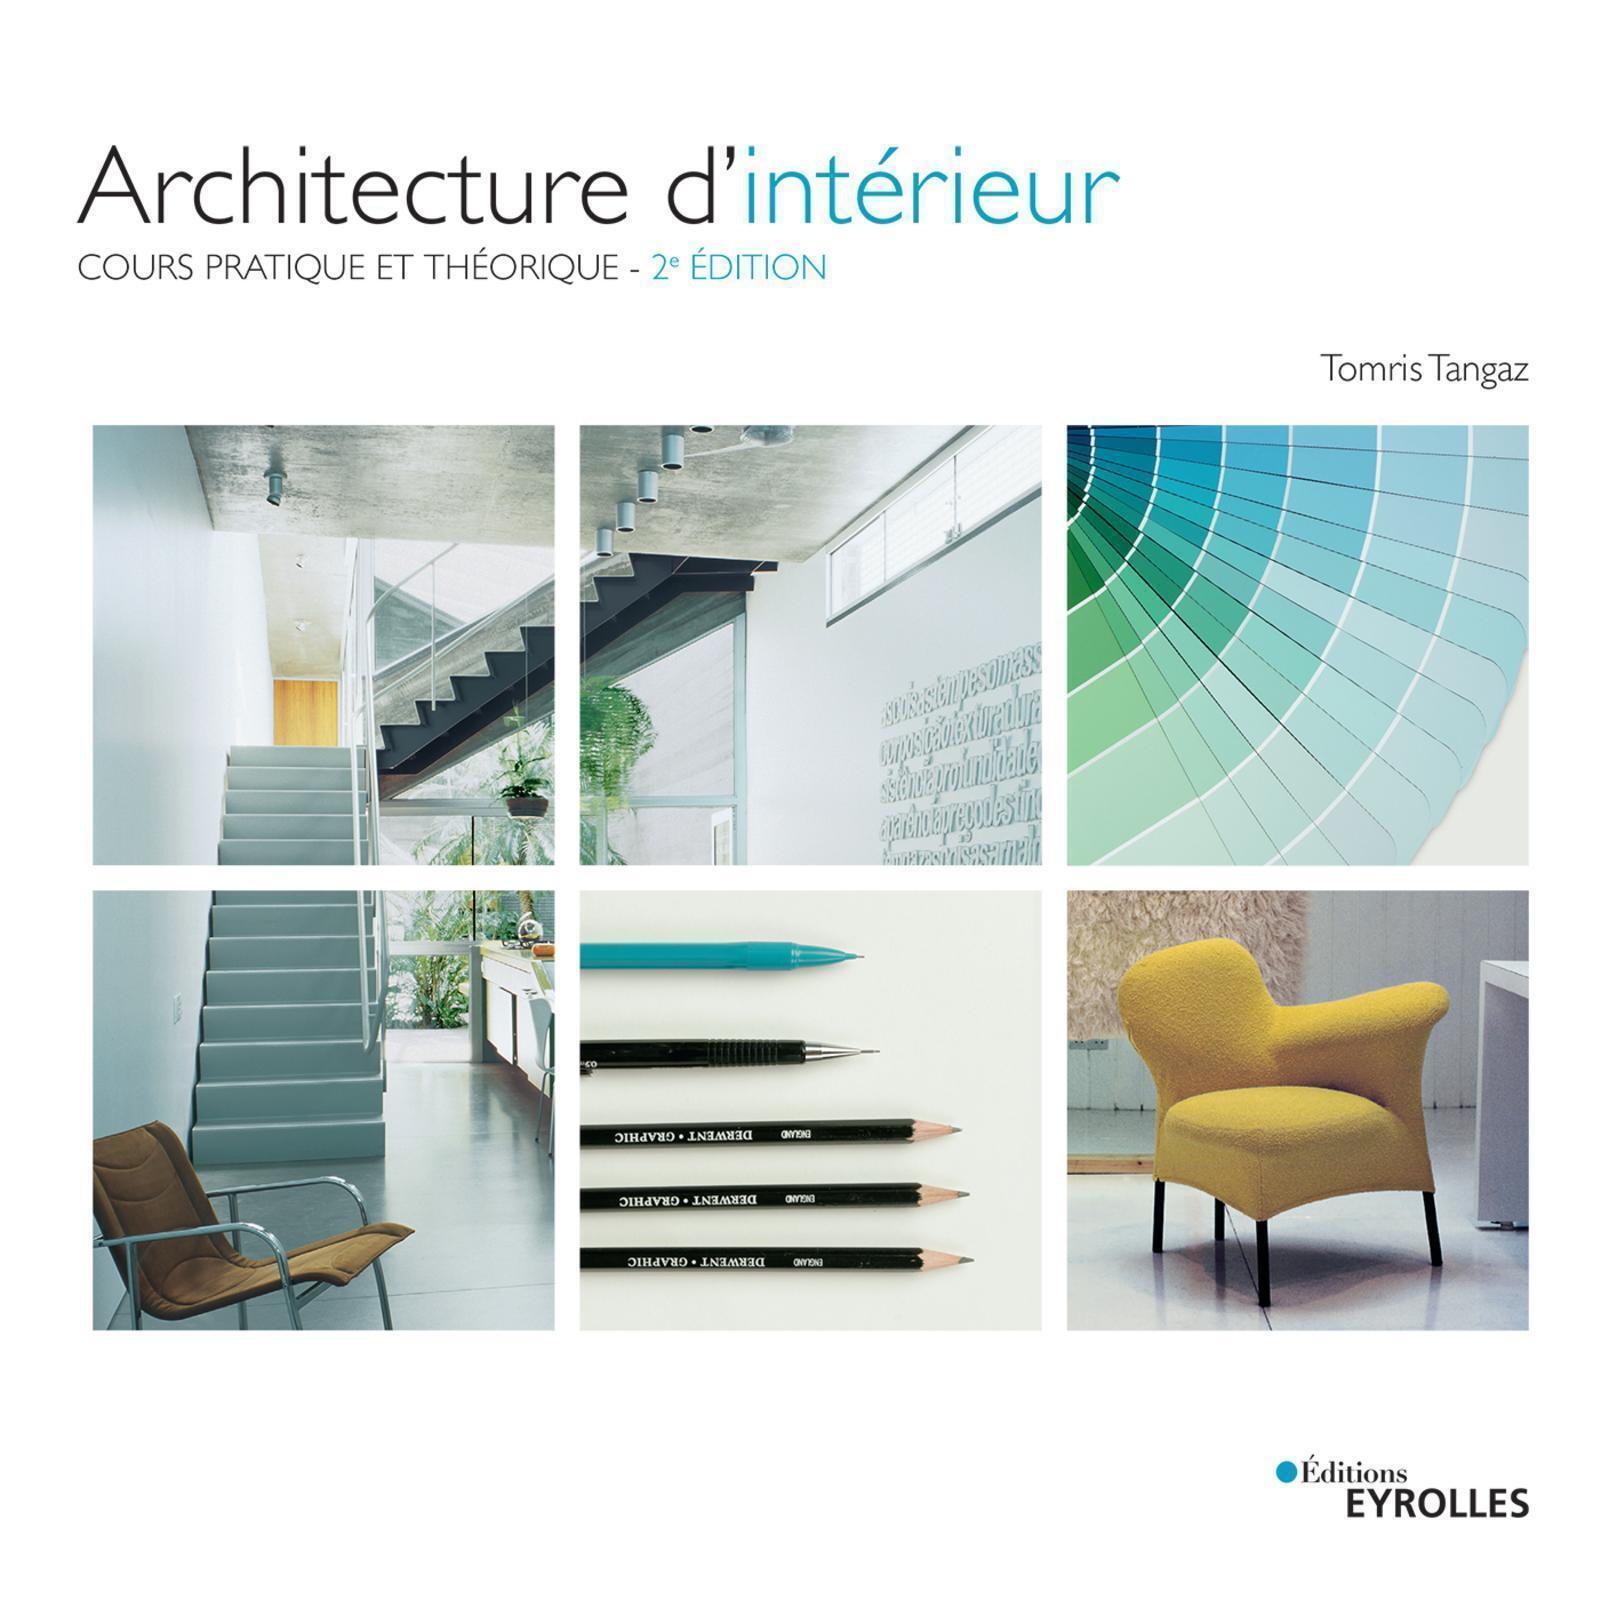 ARCHITECTURE D'INTERIEUR - COURS PRATIQUE ET THEORIQUE